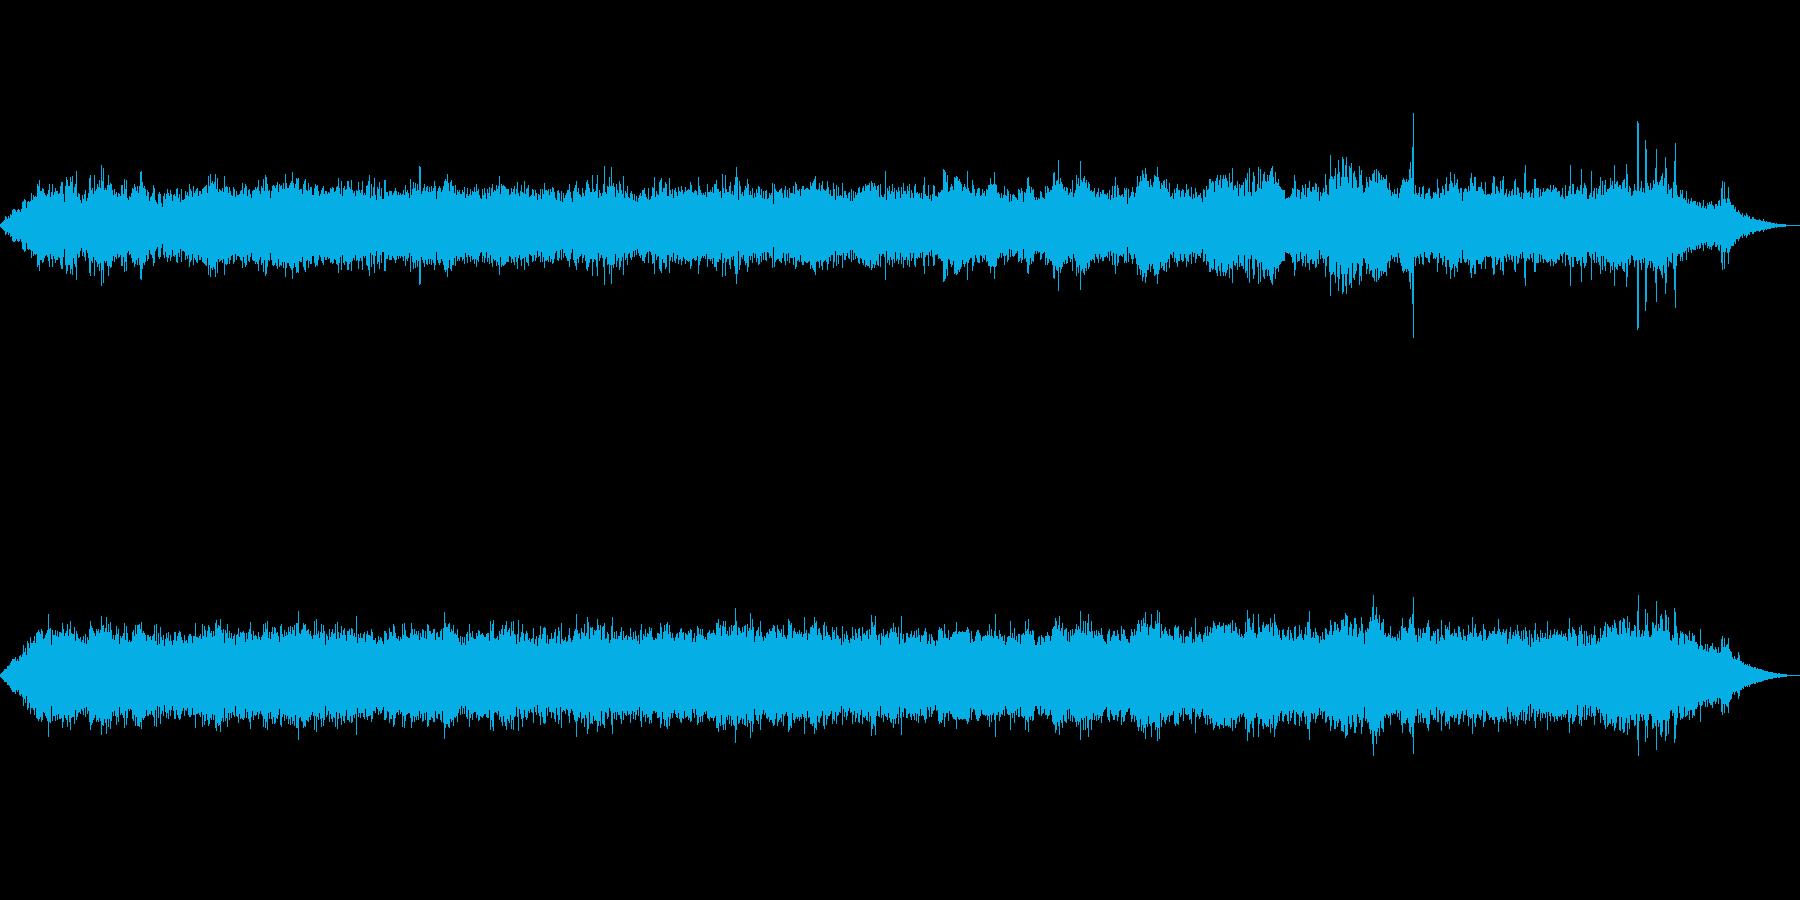 海 波 浜辺 海岸 カモメの環境音 11の再生済みの波形